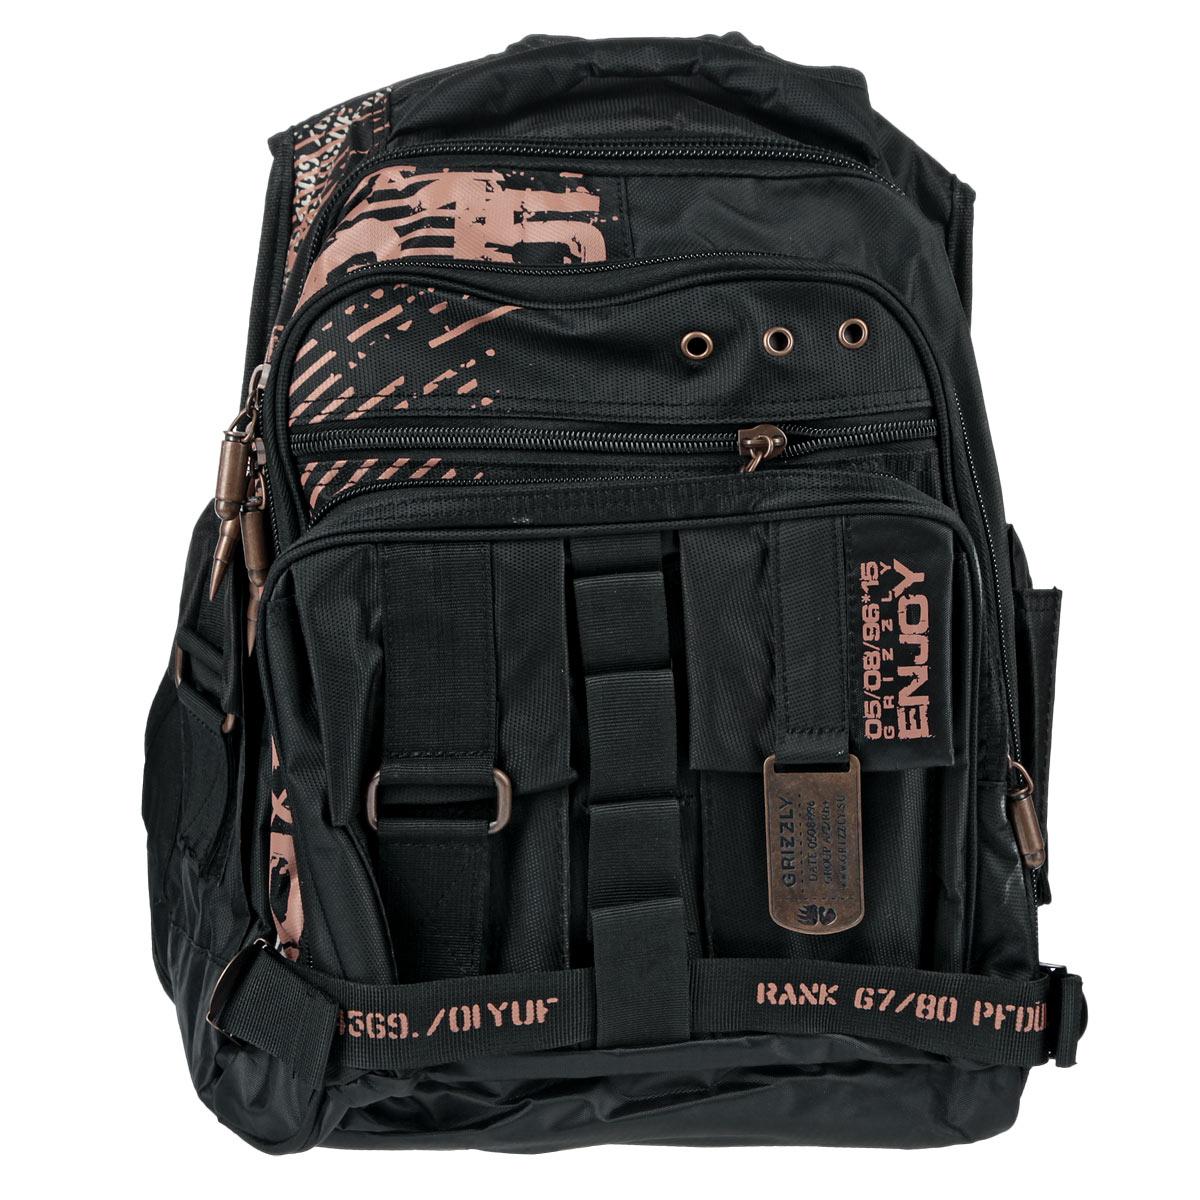 Рюкзак детский Grizzly, цвет: черный. РМ-113772523WDРюкзак с двумя отделениями, передними, боковыми и внутренними карманами, карманом-пеналом, с карманом на лямке для мобильного телефона, укрепленными жесткими лямками и спинкой